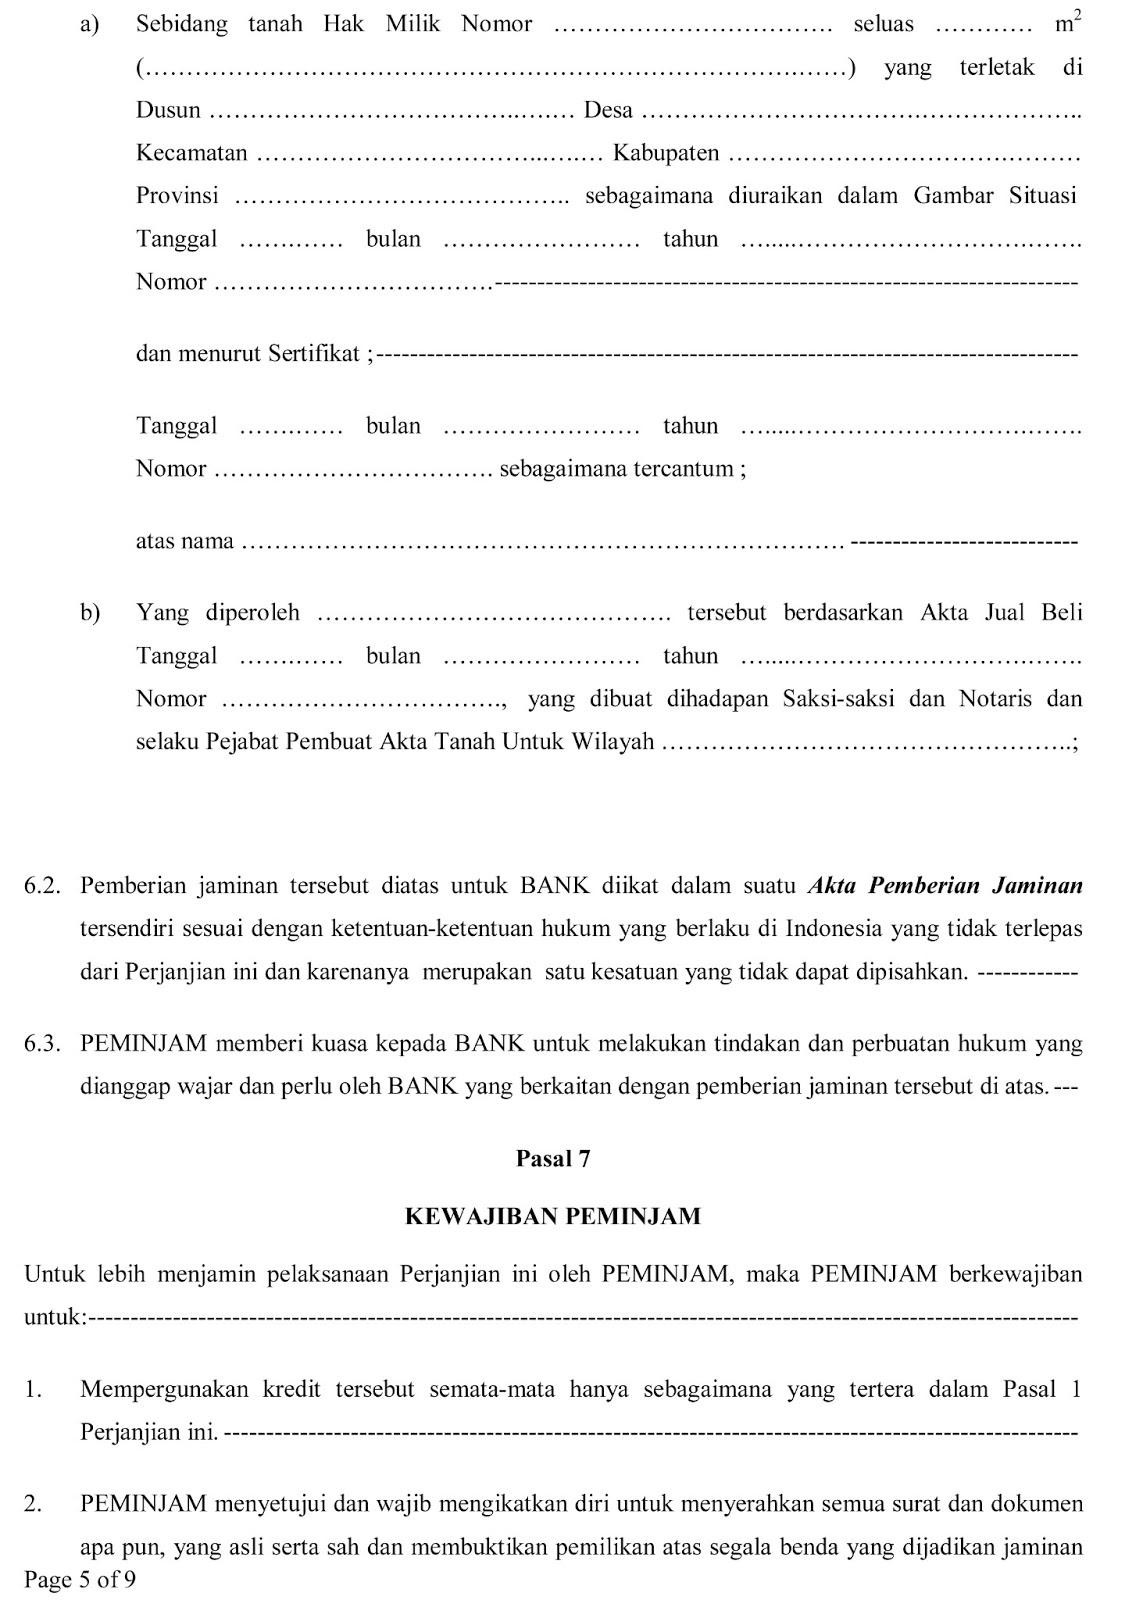 Perumahan Melayu Indah Permai Residence  Surat Perjanjian Akad Kredit